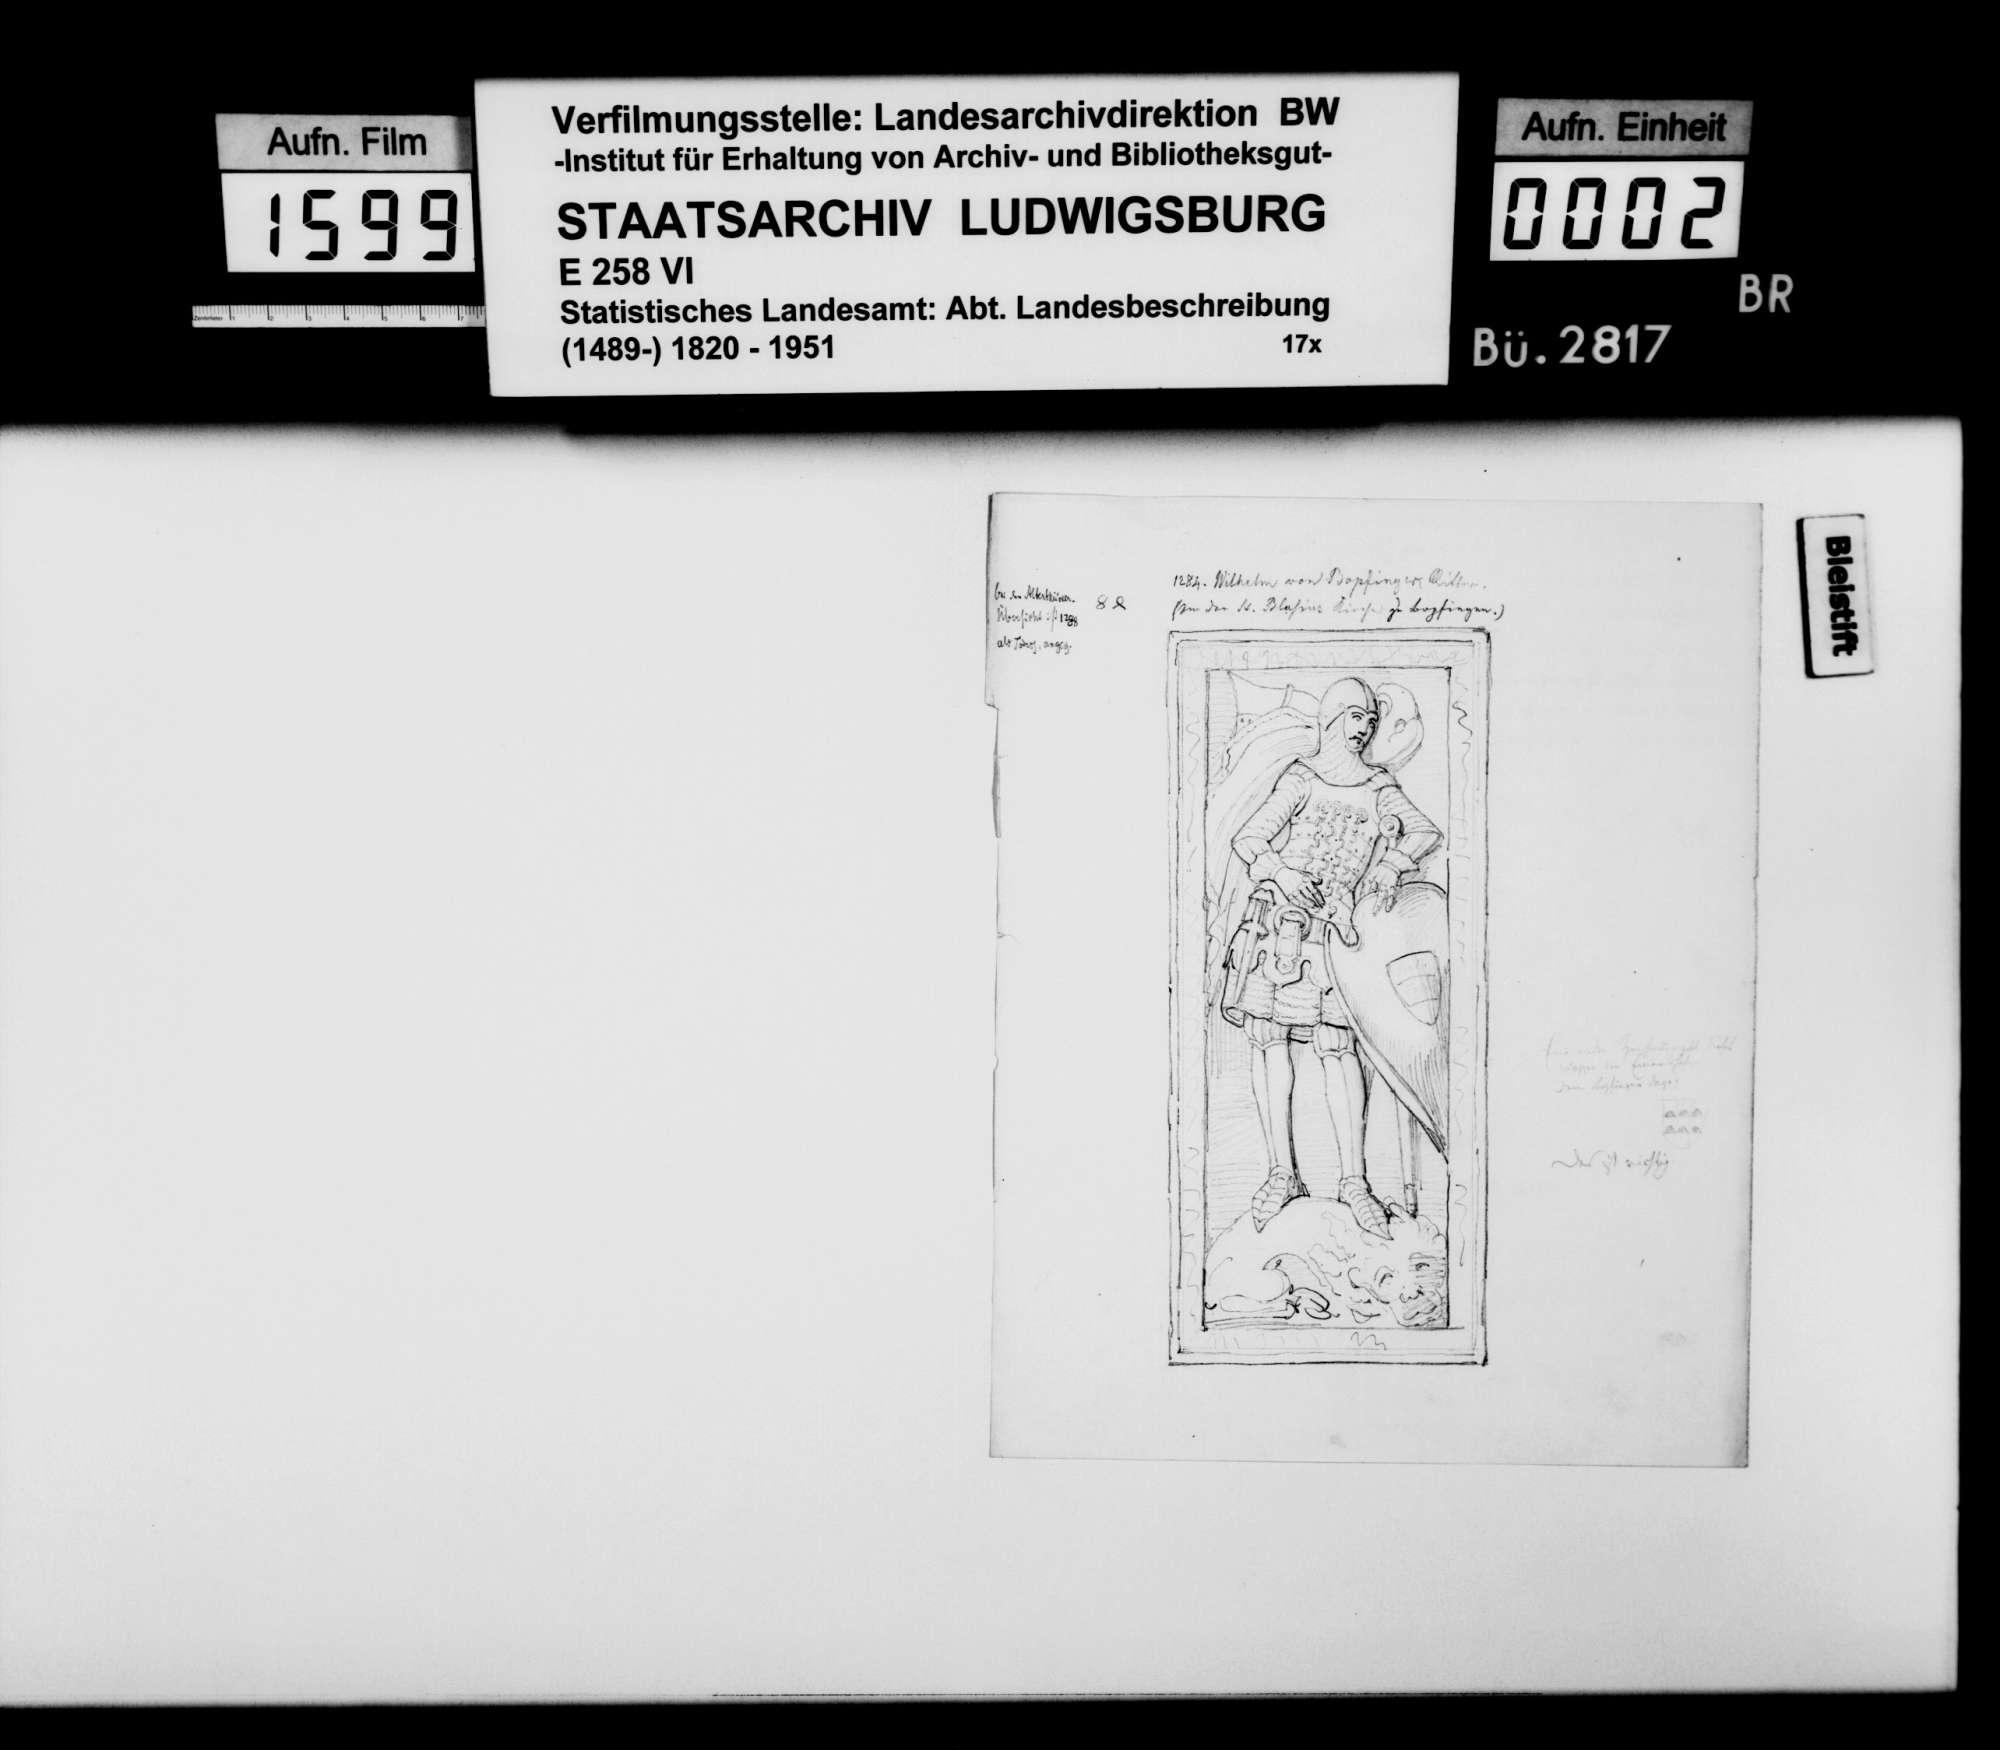 Zeichnungen und Inschriften von Grabdenkmälern in der Blasiuskirche Bopfingen, s/w, Bleistift und Tinte, Bild 1